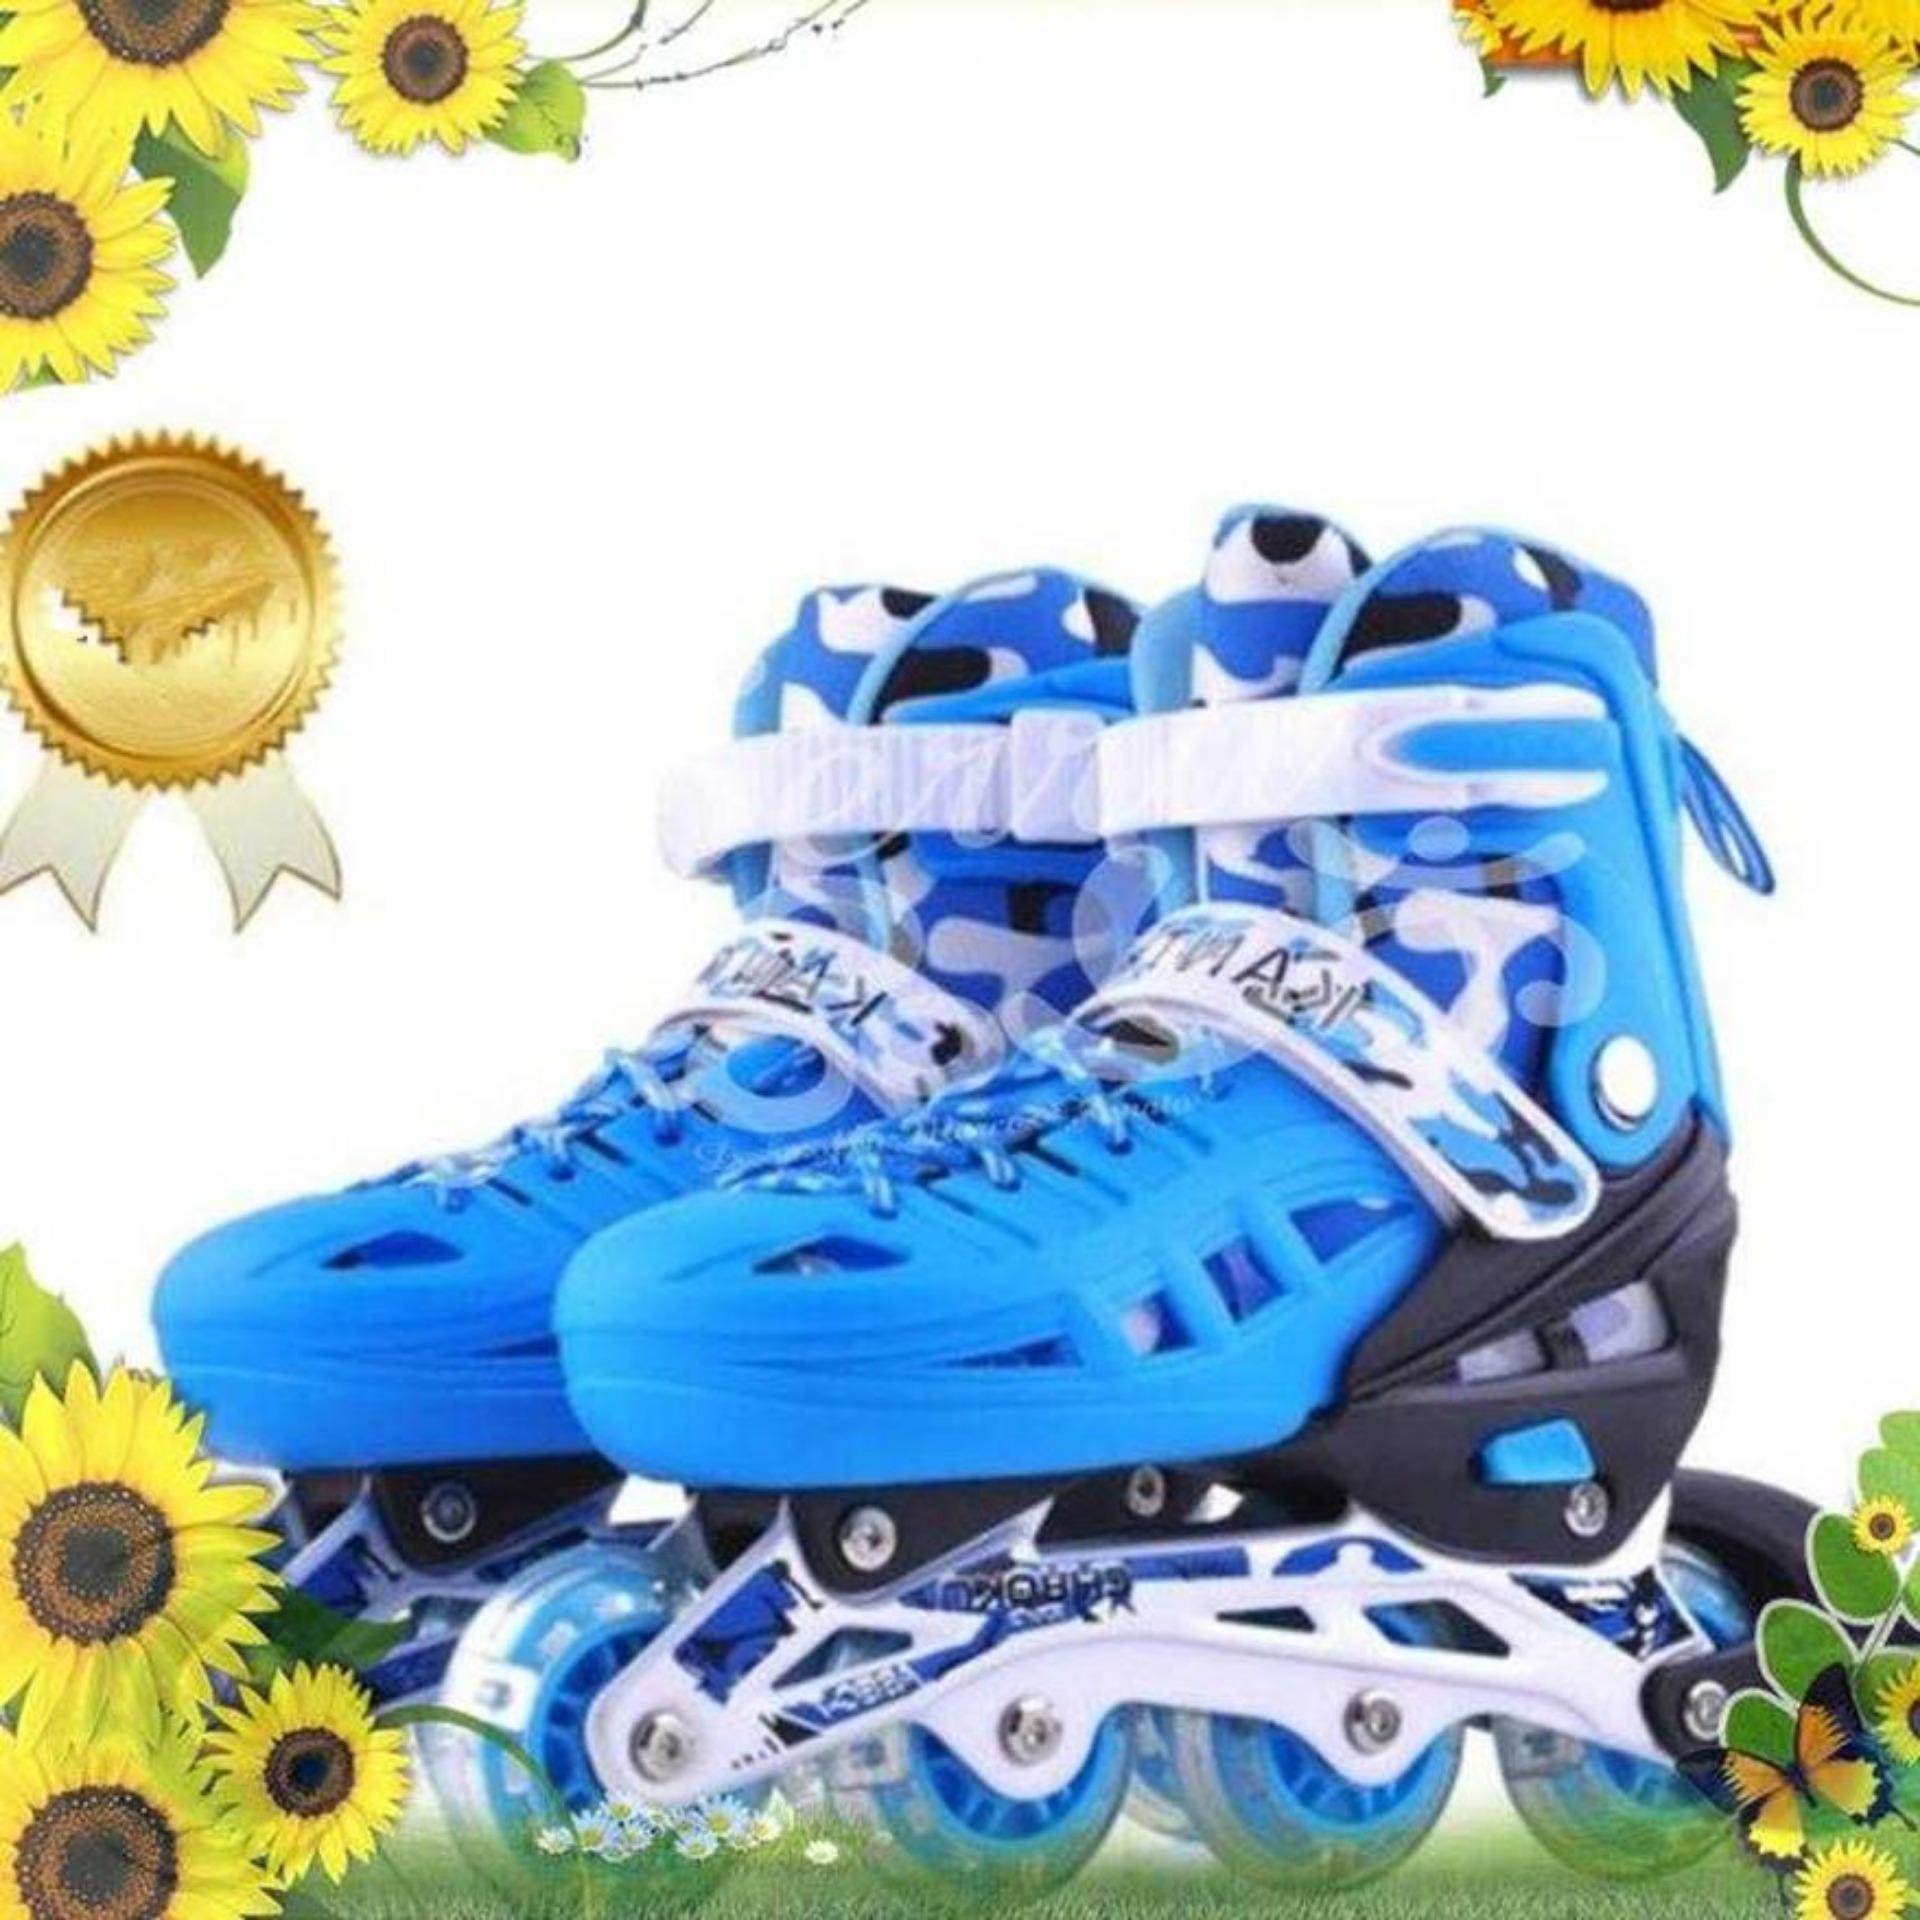 Trượt Patin,Giày Patin Trẻ Em,Giày Patin Trẻ Em Tặng Mũ Và Đồ Bảo Hộ,Thiết Kế Ôm Chân, Chắc Chắn, Kiểu Dáng Trẻ Trung Giúp Cho Người Chơi Cảm Giác Đôi Chân Thoải Mái Khi Trượt